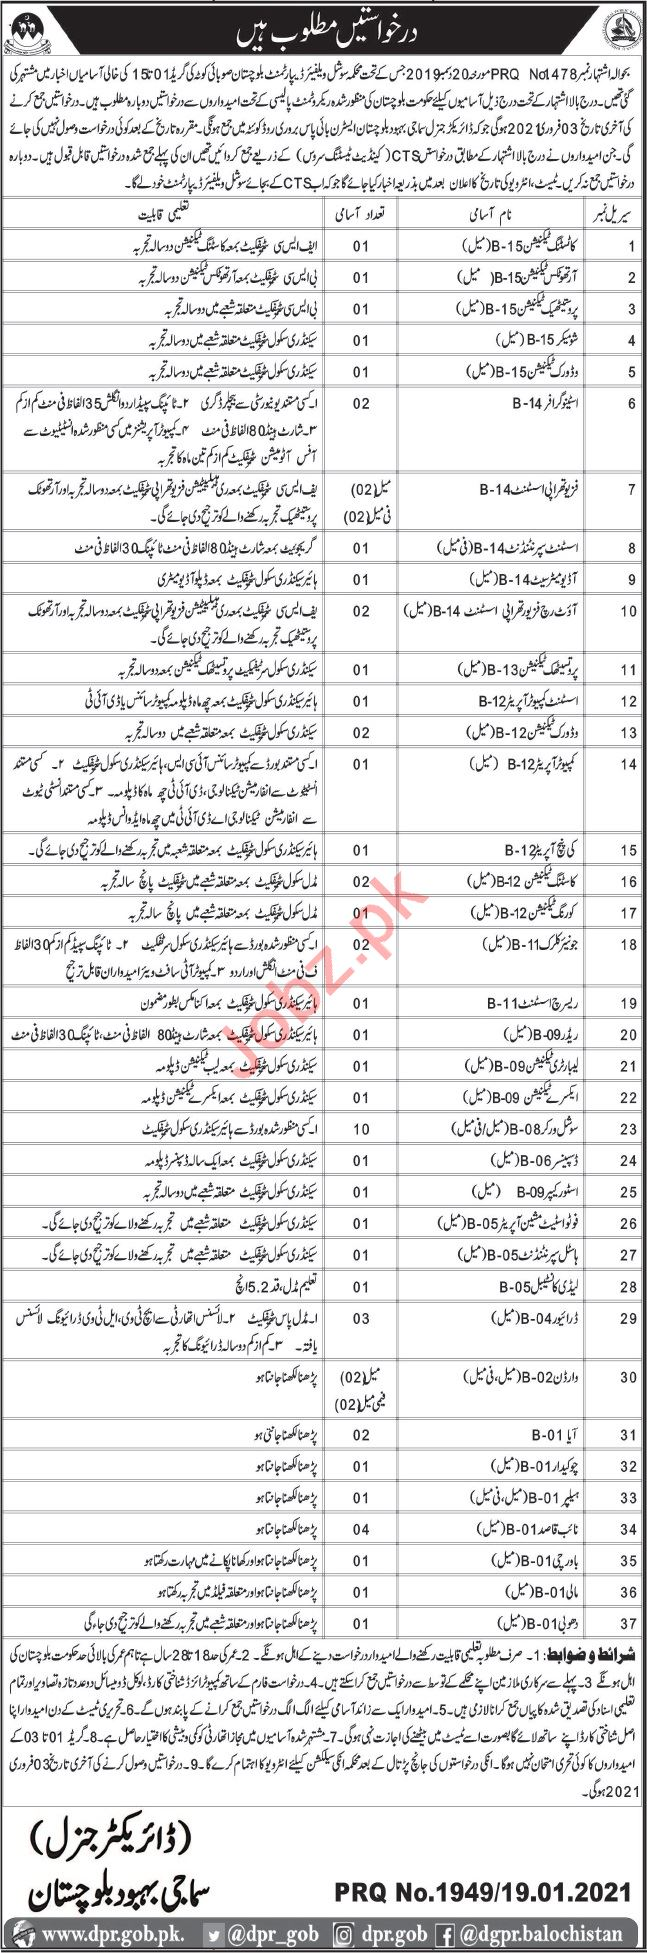 Social Welfare Department Balochistan Jobs 2021 Technician